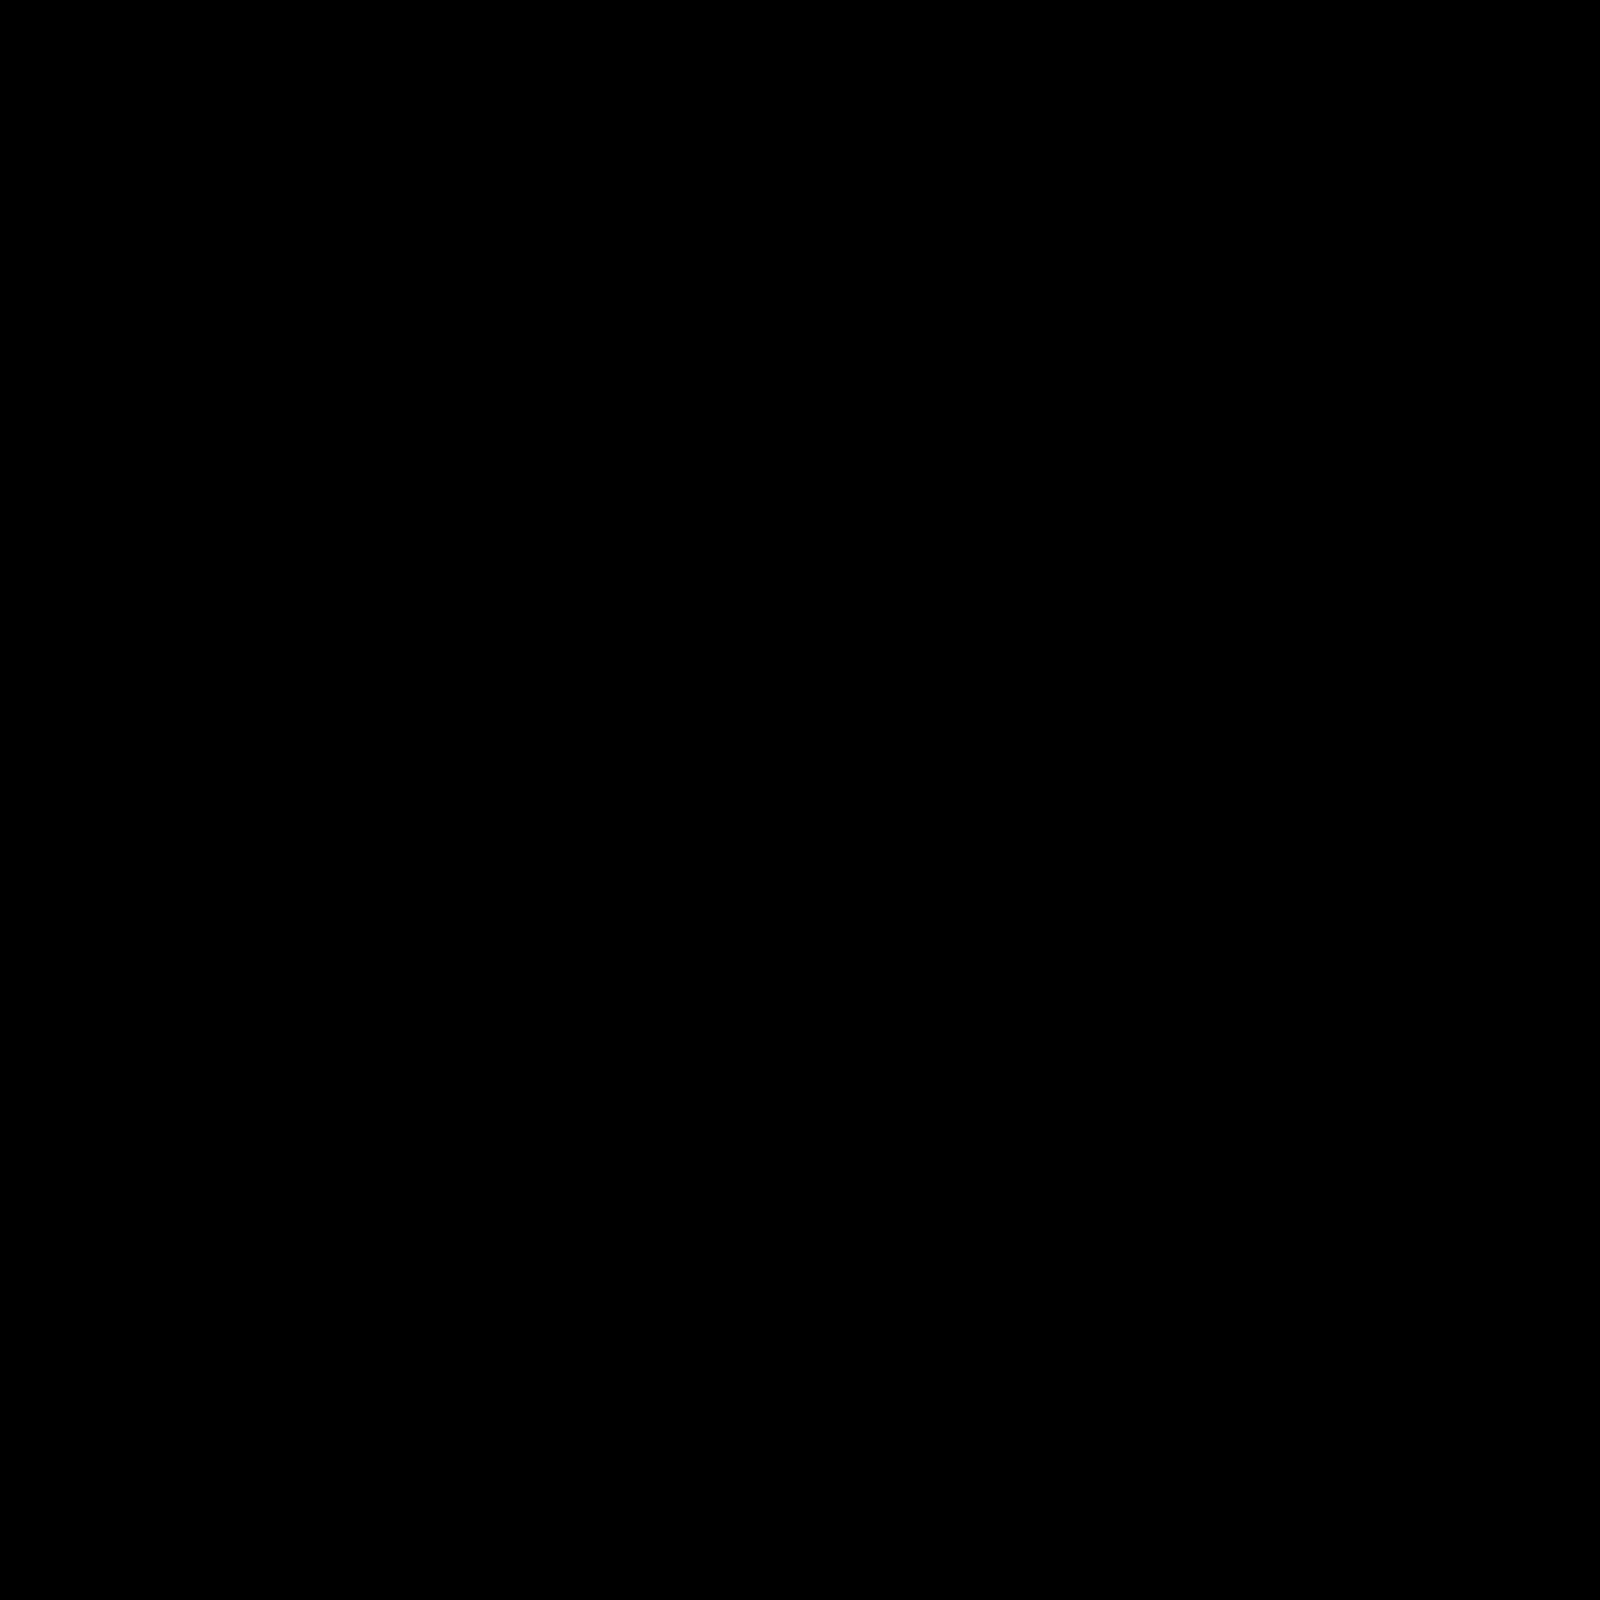 Koi Fish icon